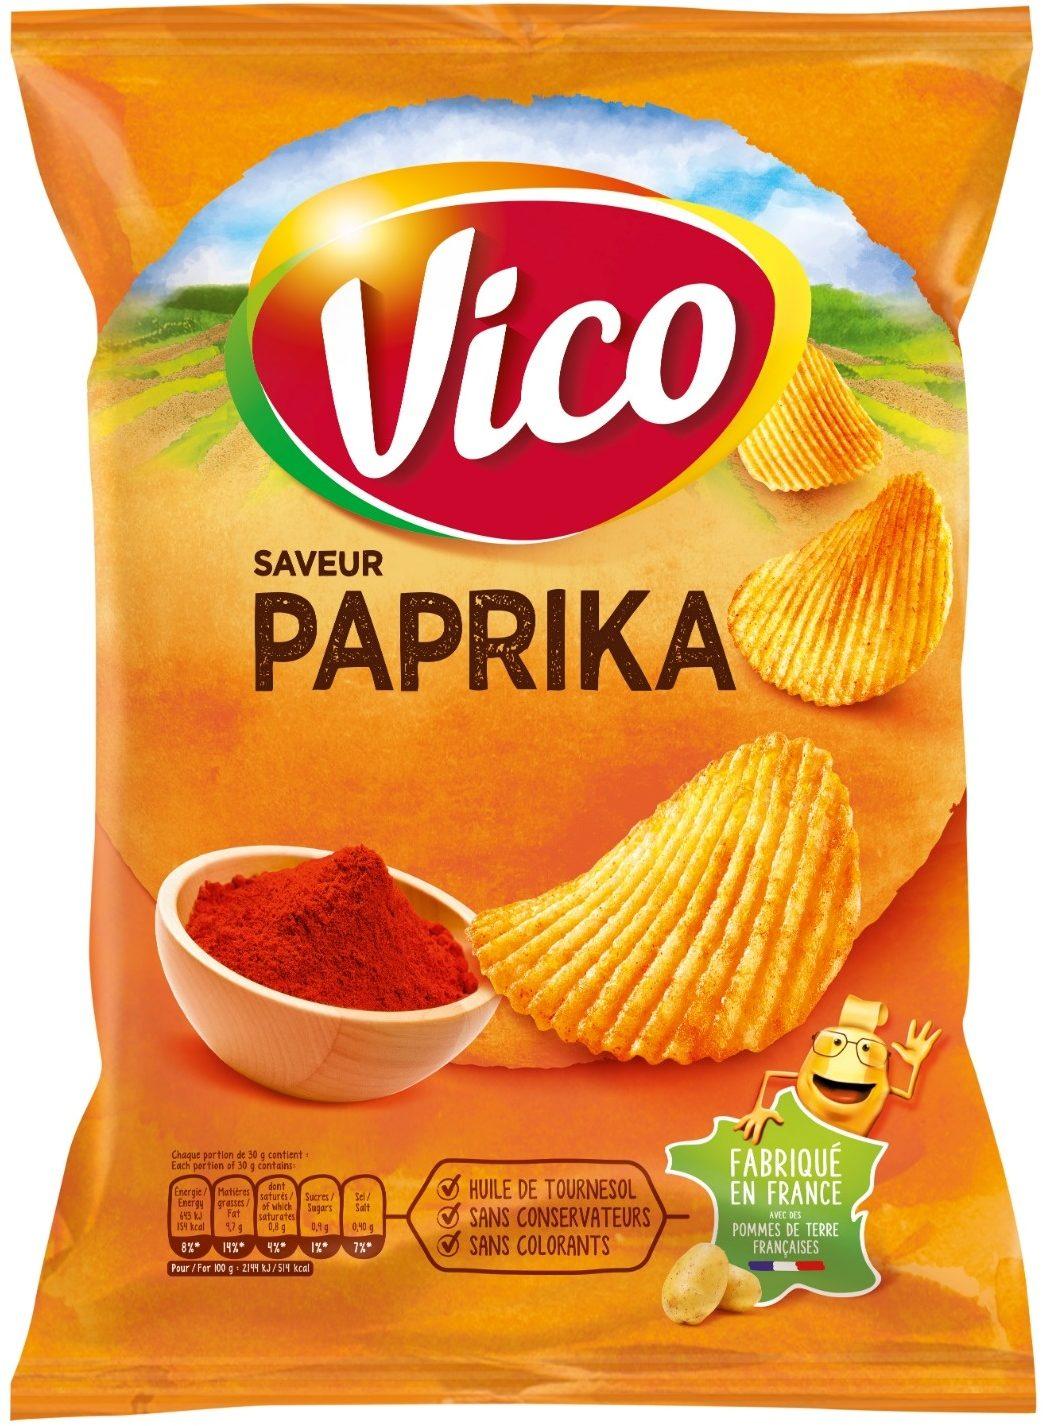 Chips ondulées Vico, saveur Paprika - Product - fr